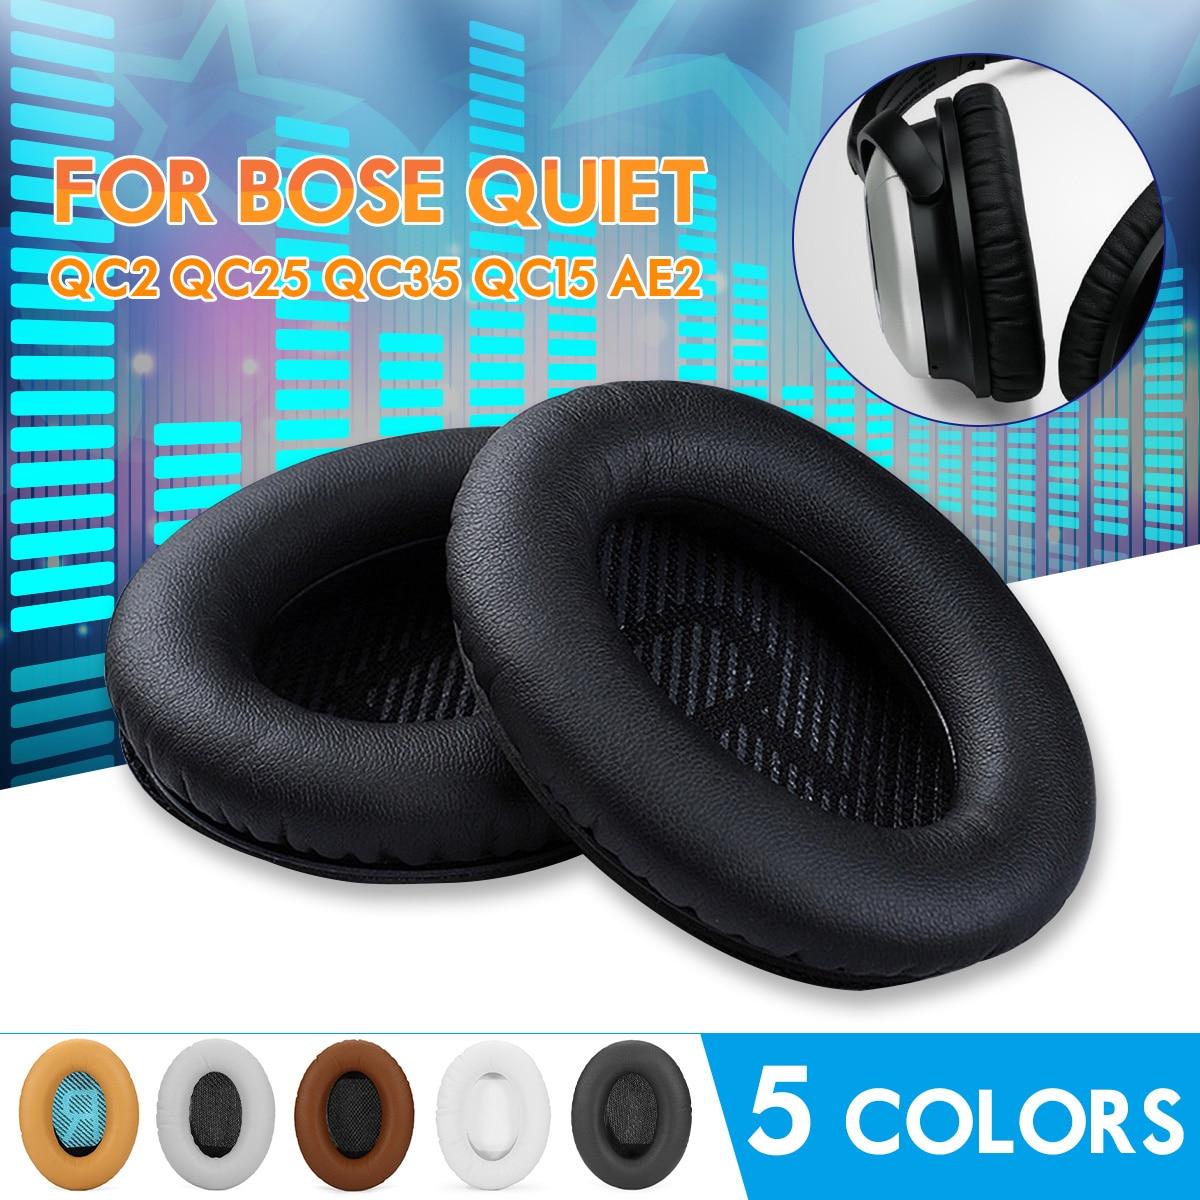 1 paire de Remplacement Mousse Souple Éponge Casque Ear Pad Coussin Noir Blanc Gris Café Kaki Pour BOSE QC2 QC25 QC35 QC15 AE2